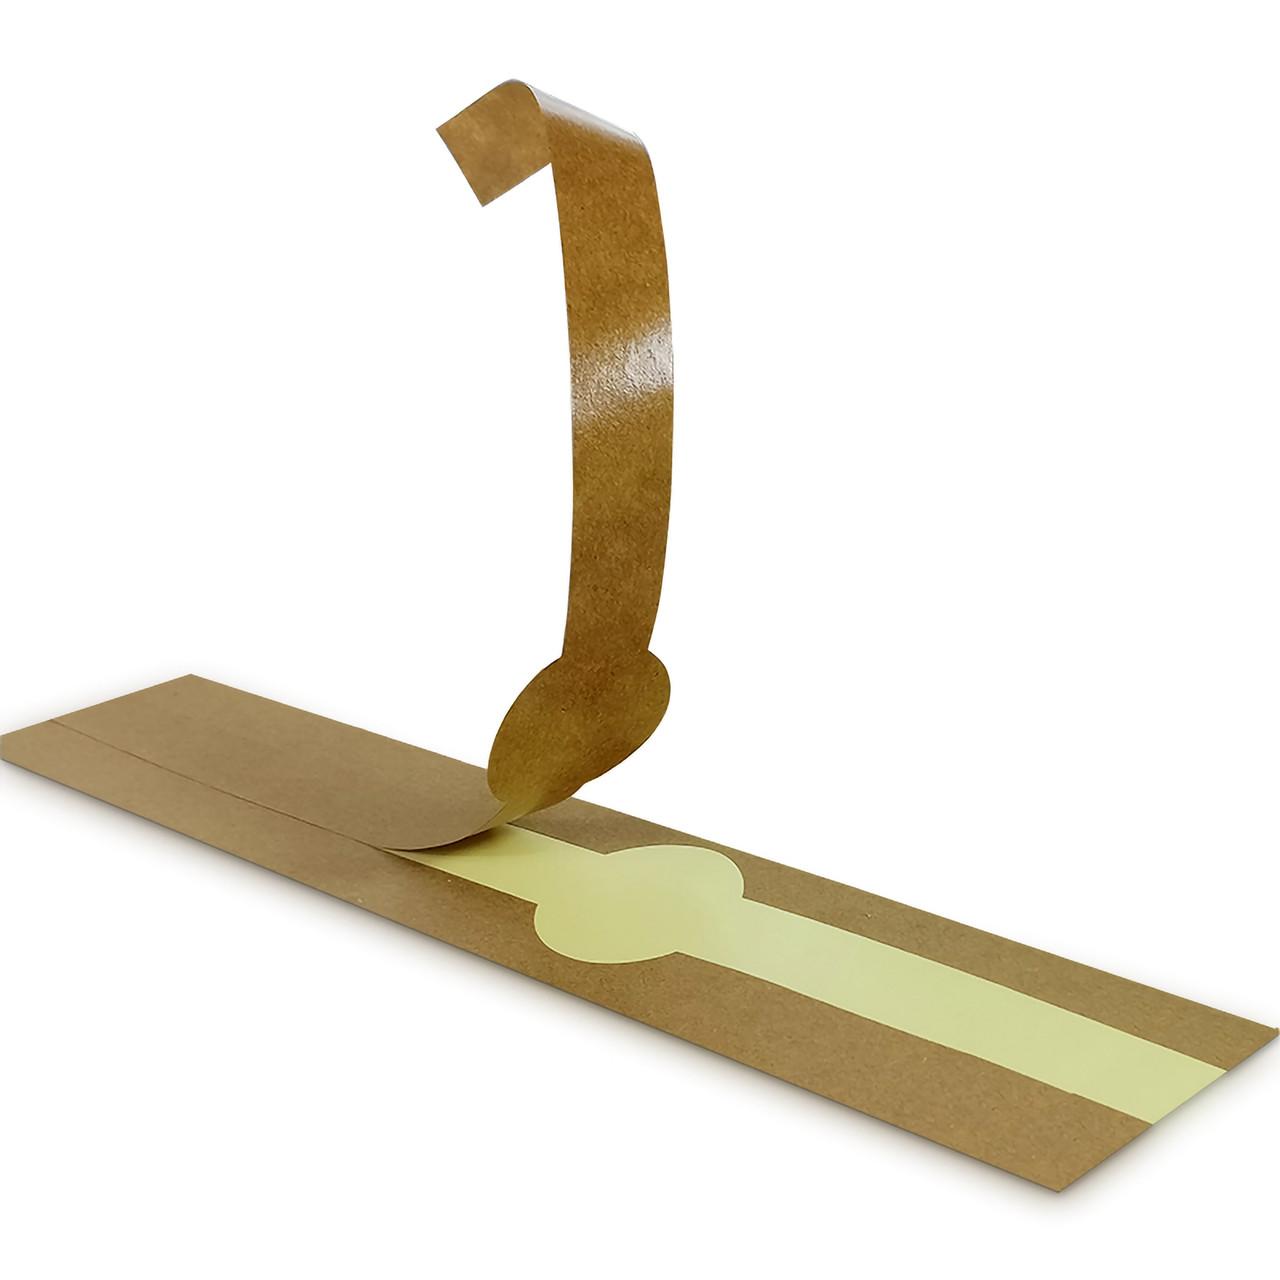 Kraft Self-Adhering Paper Wrapper - L:16 x W:7.05in